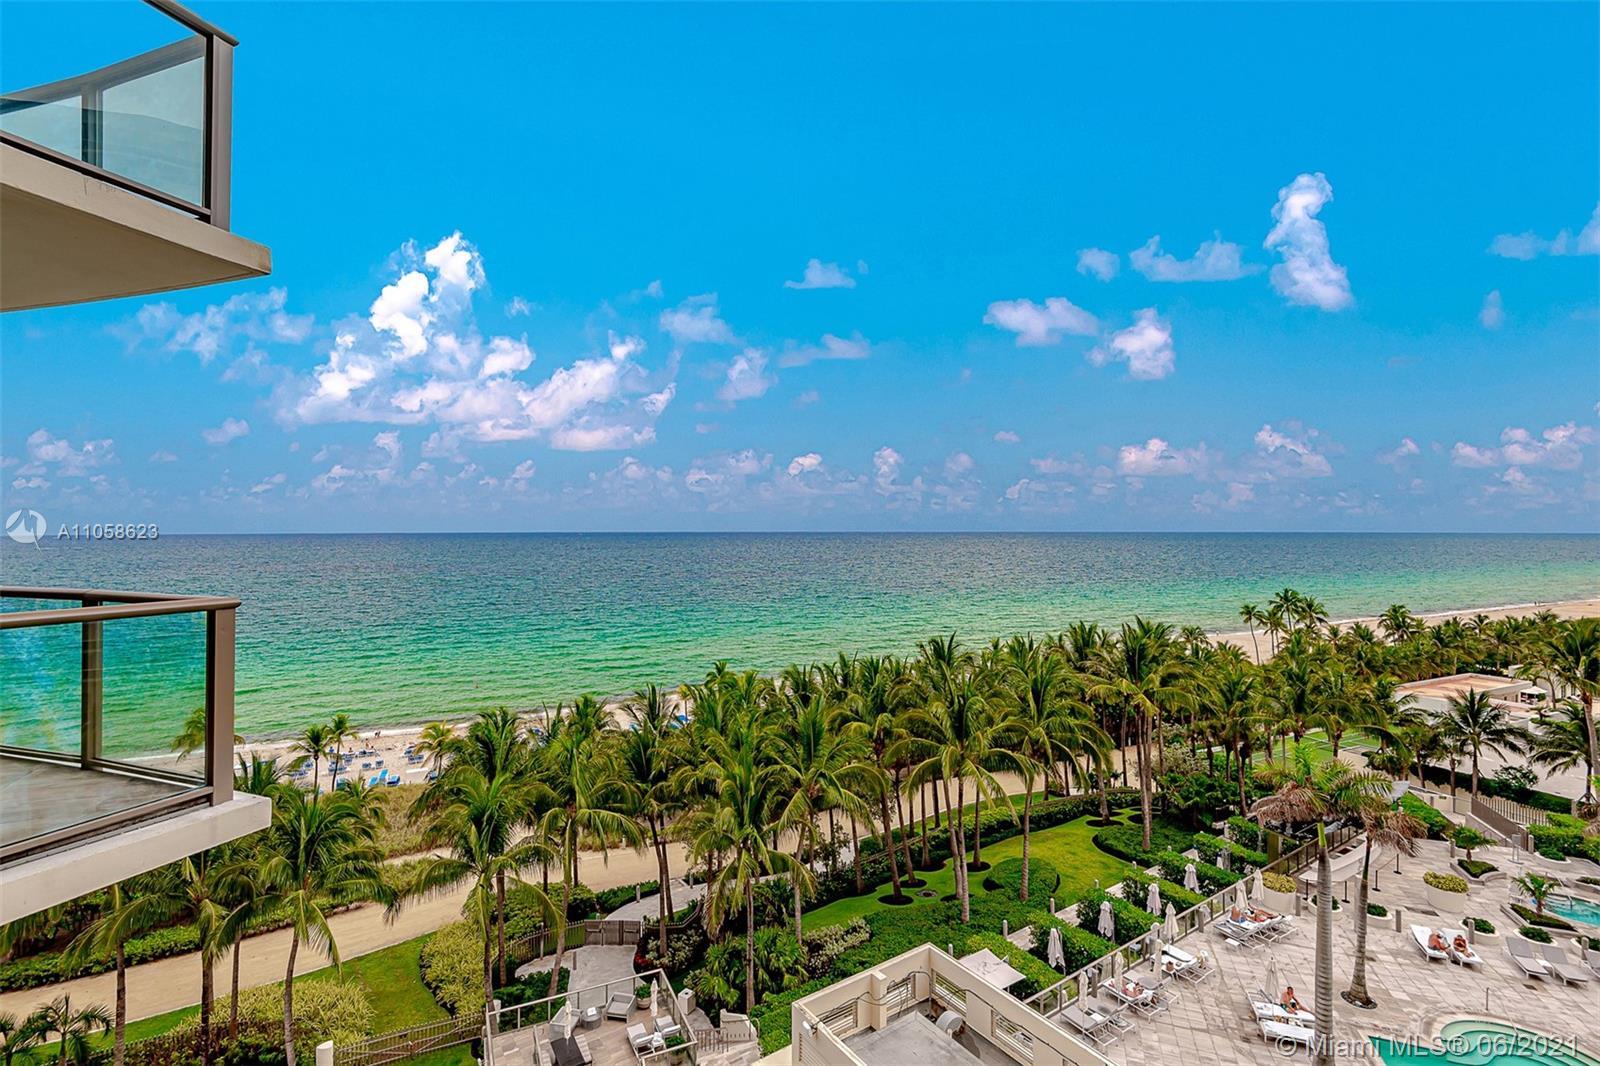 9703 Collins Ave Unit 702, Bal Harbour, Florida 33154